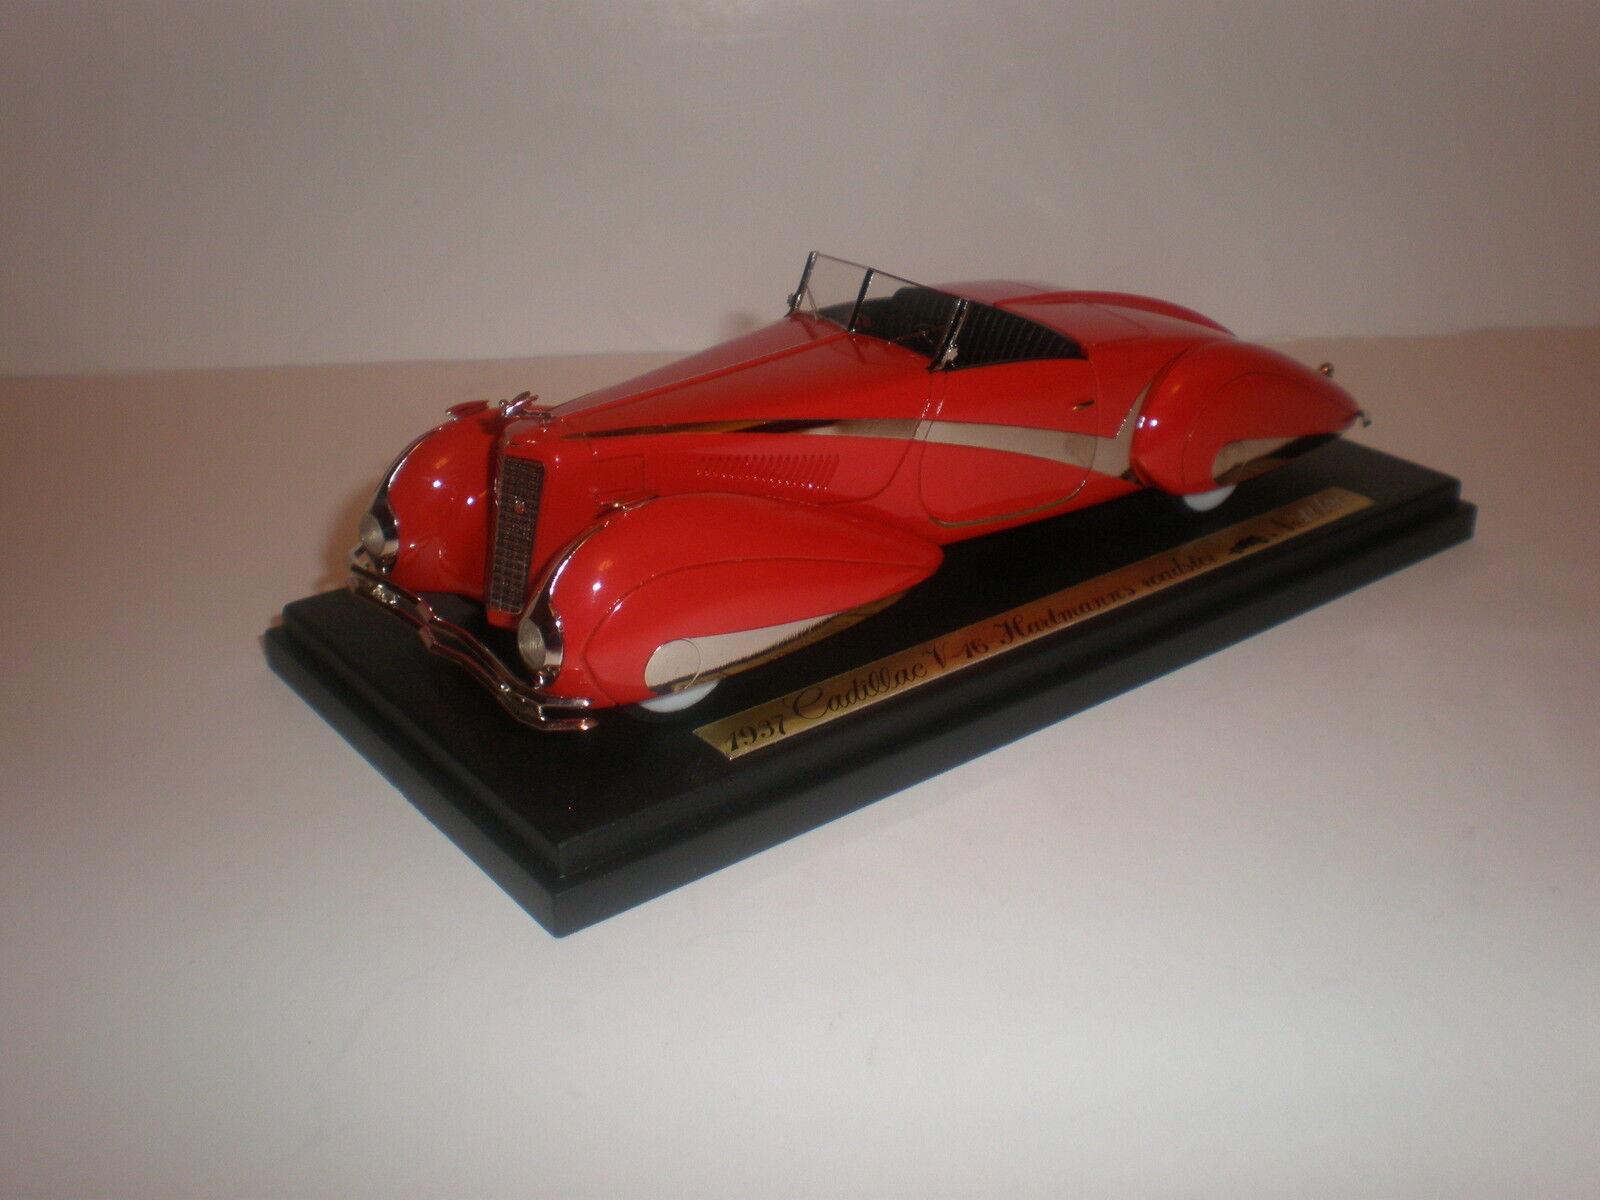 1937 Cadillac V-16 de EMC Hartmann's Roadster tapa abajoRojo